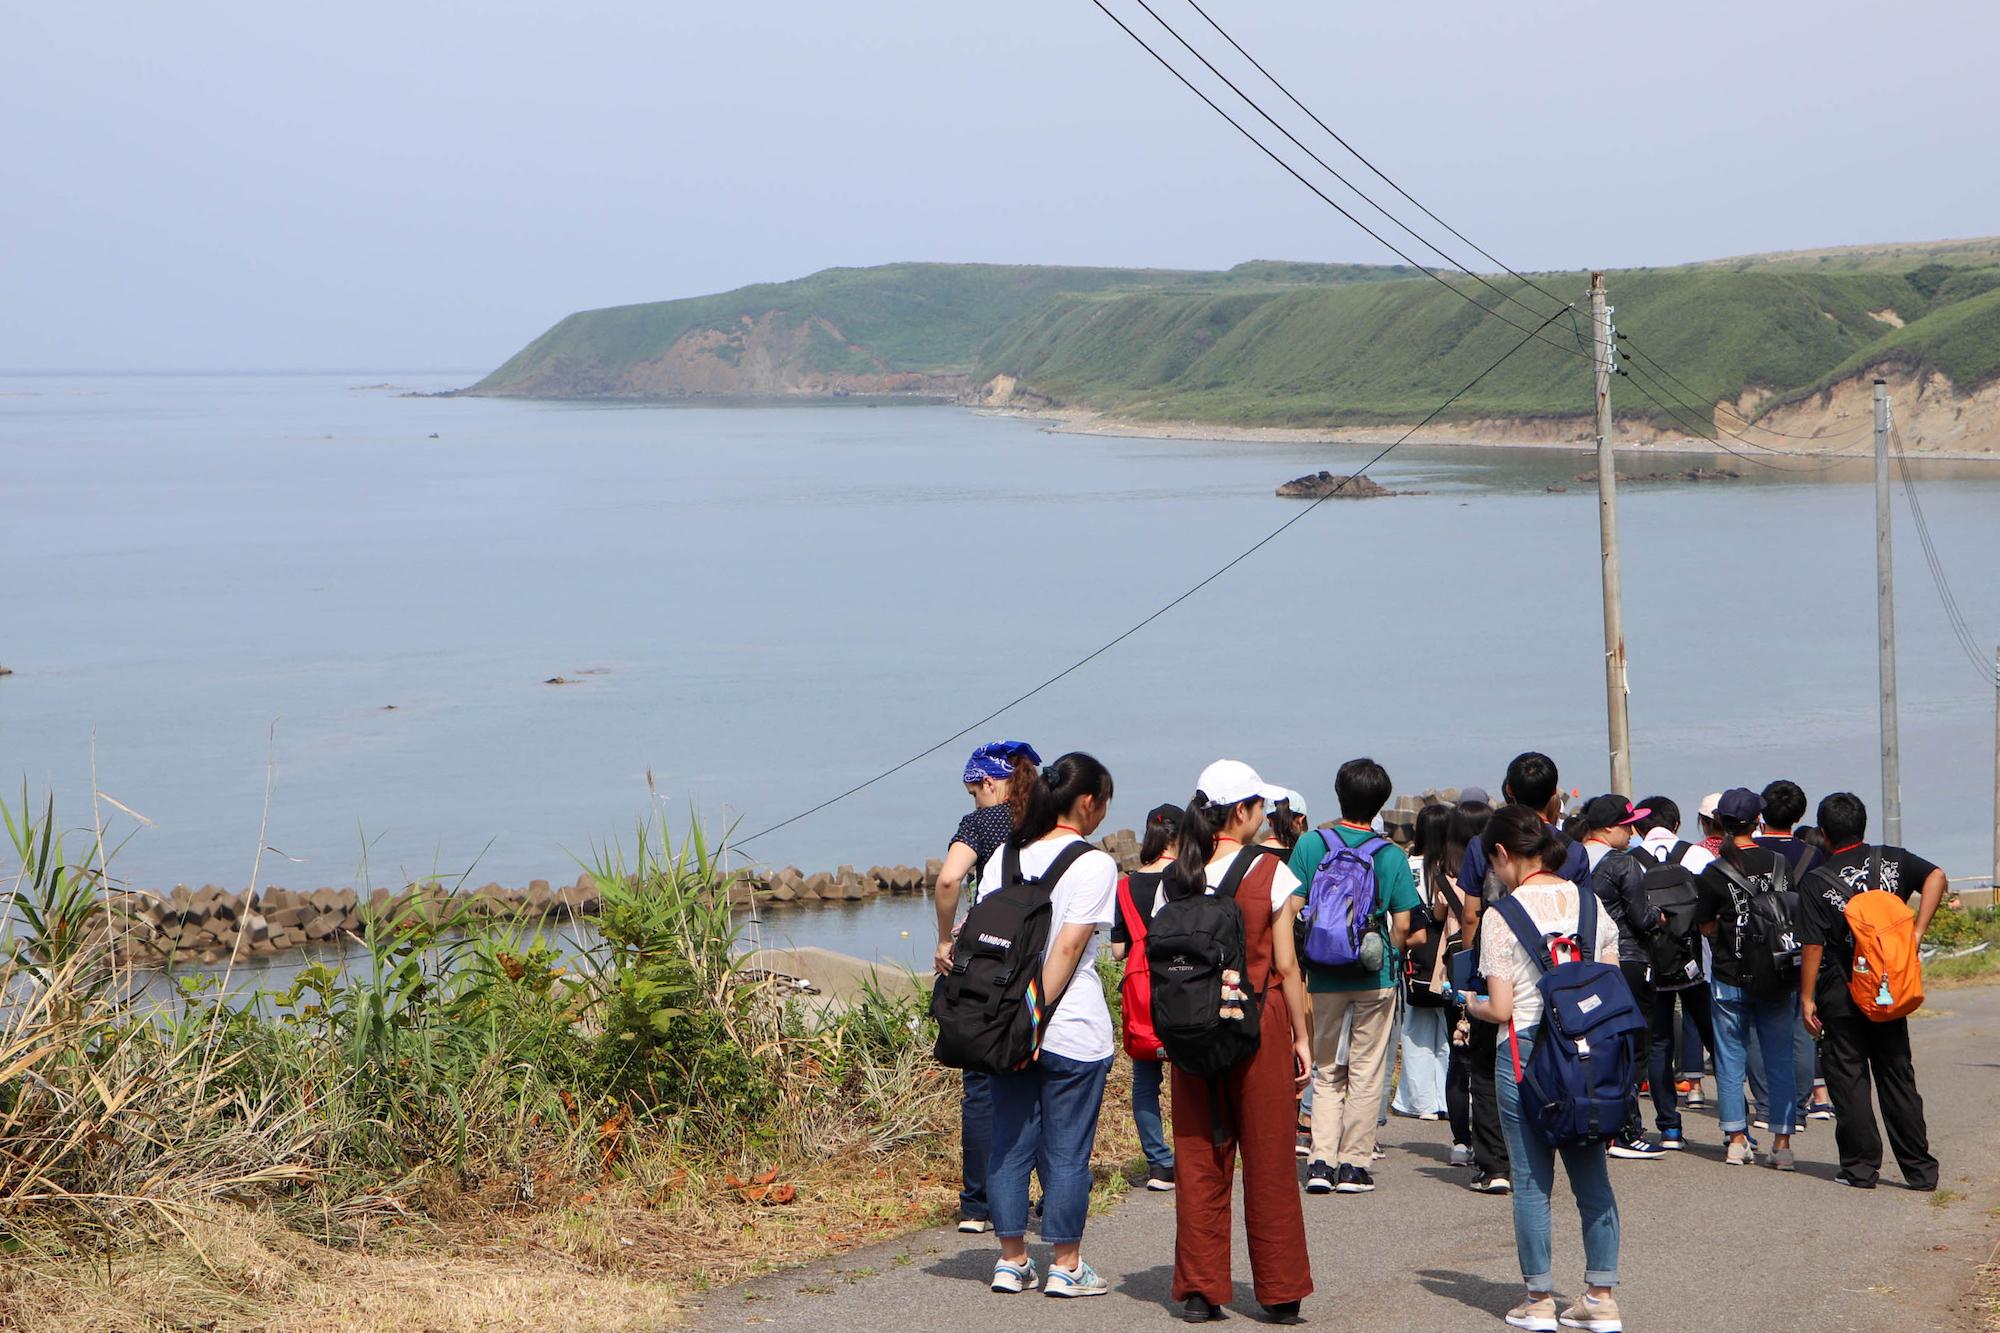 『世界津波の日』2019高校生サミットへ向け、奧尻島で学びを深める高校生たち